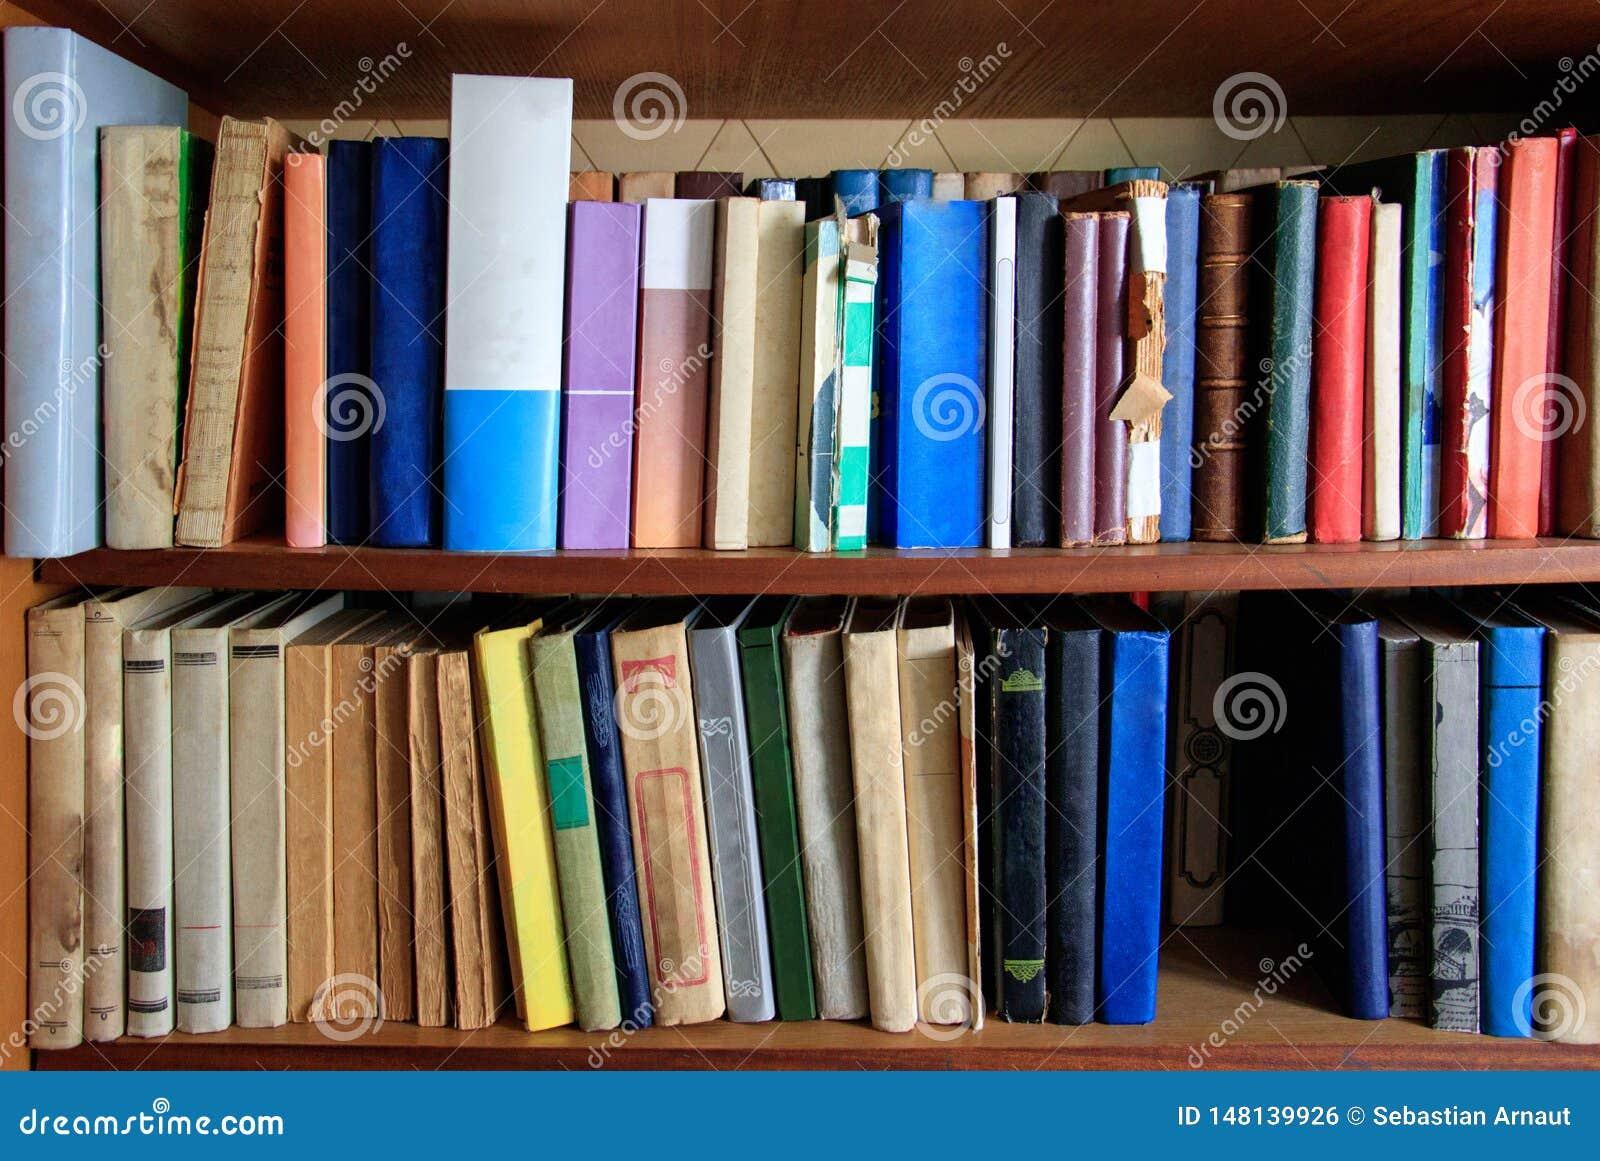 许多不同的书在架子